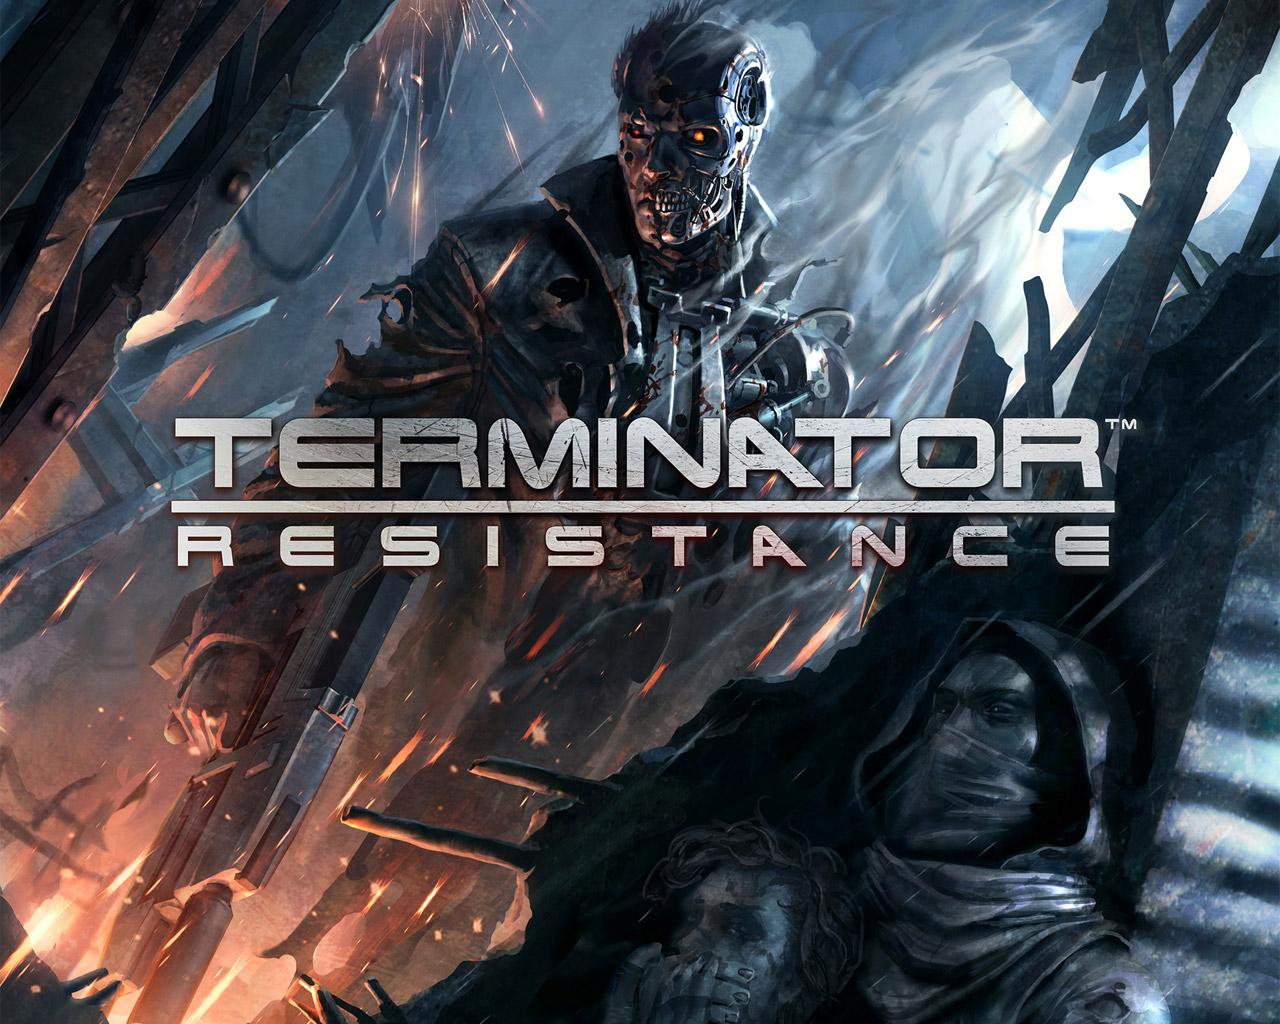 Terminator: Resistance Wallpaper in 1280x1024